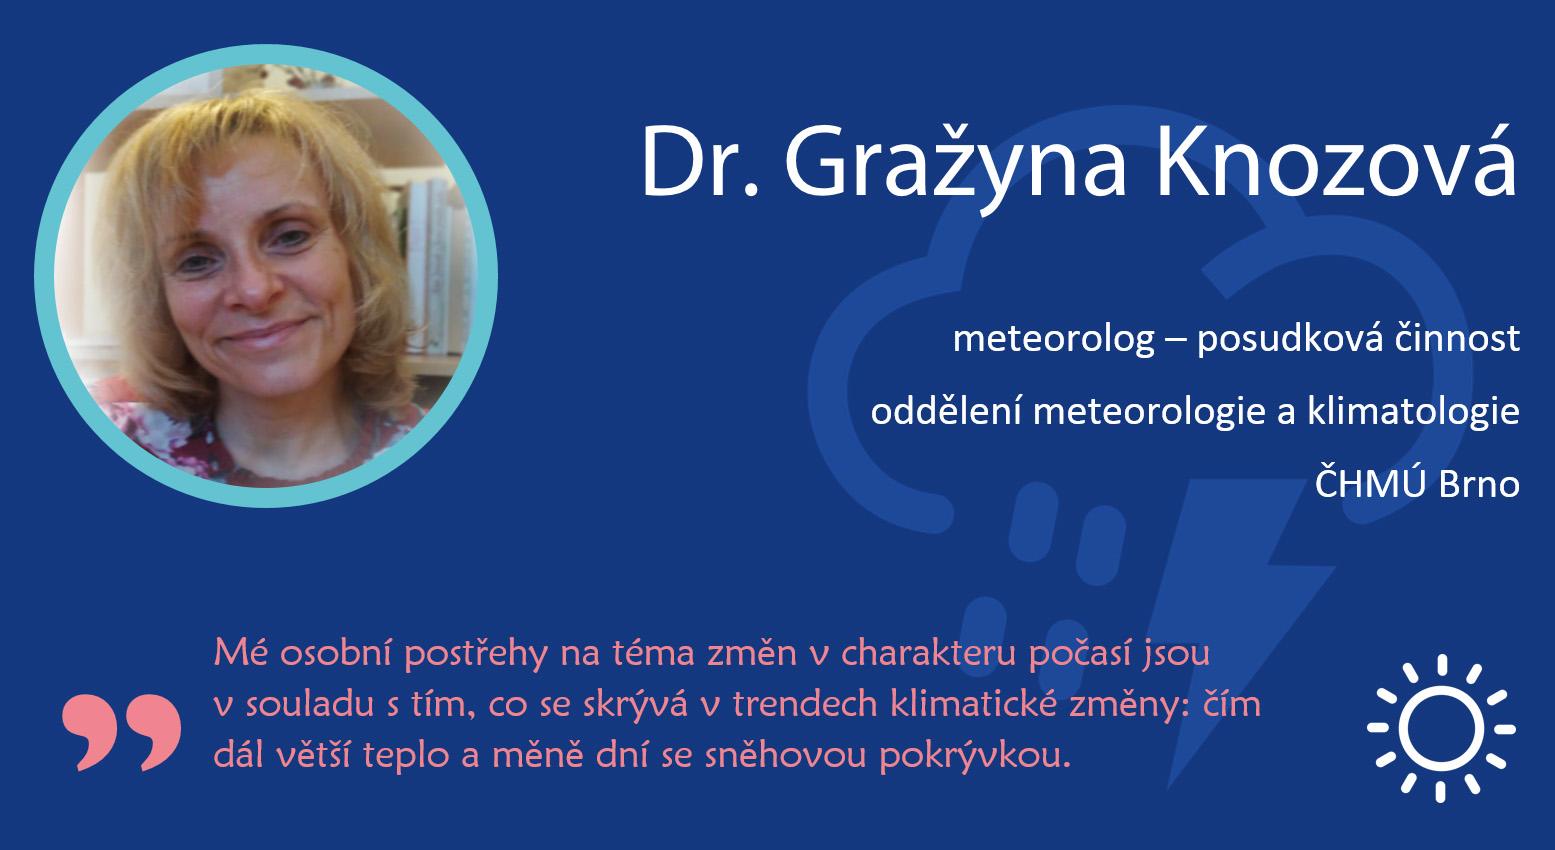 Rozhovor: Gražyna Knozová, posudkářka oddělení meteorologie a klimatologie9 min čtení